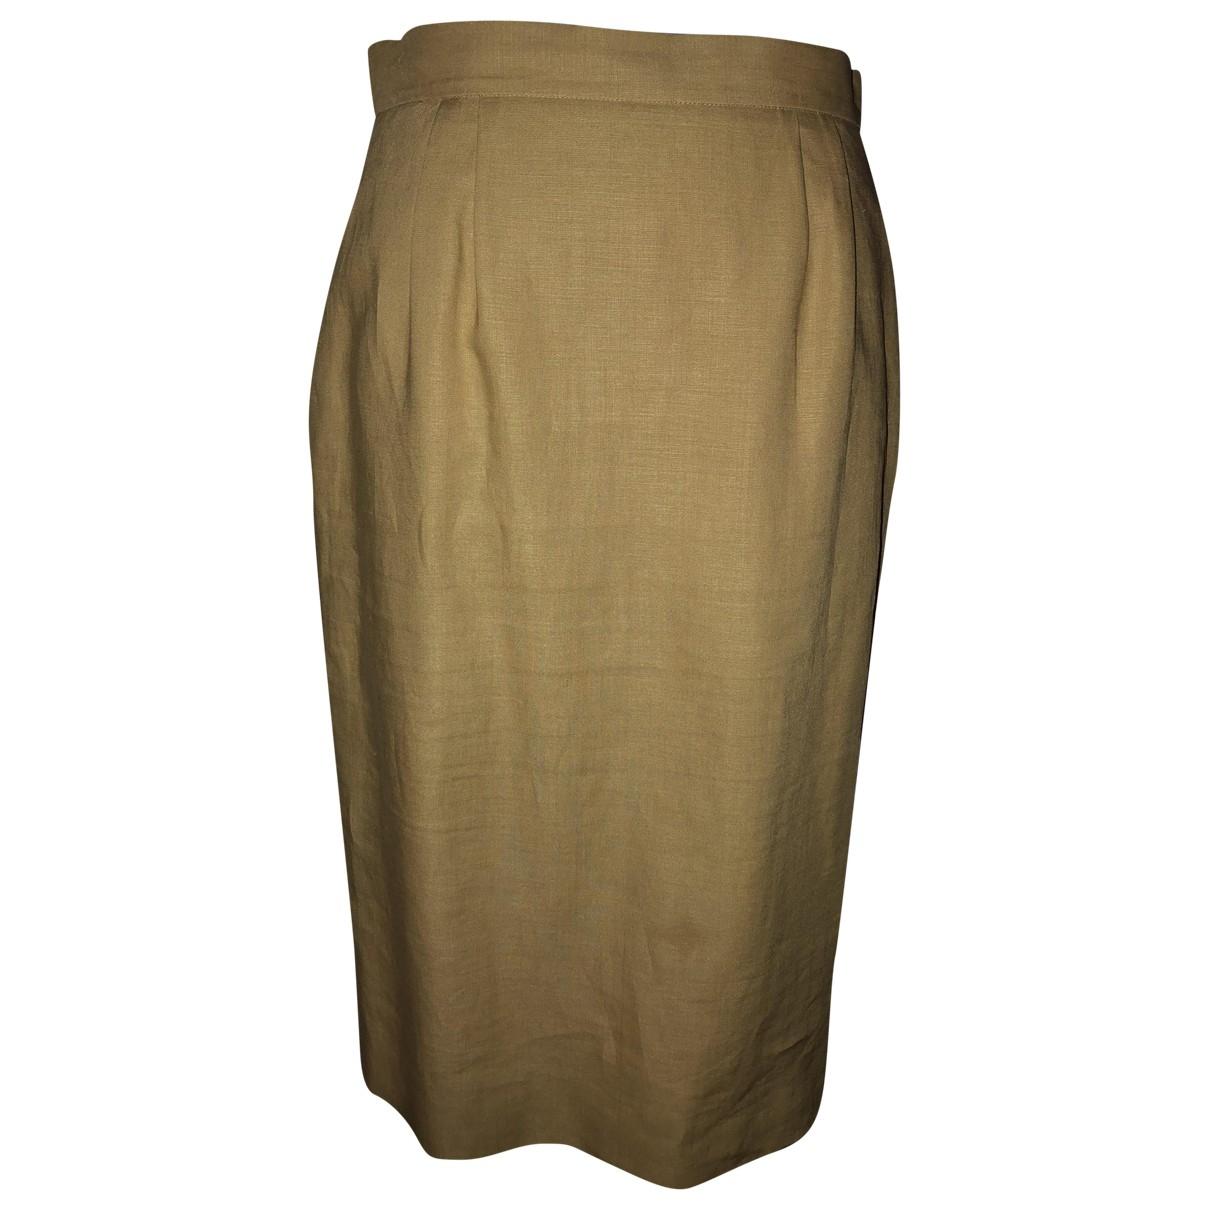 Hermes - Jupe   pour femme en lin - beige